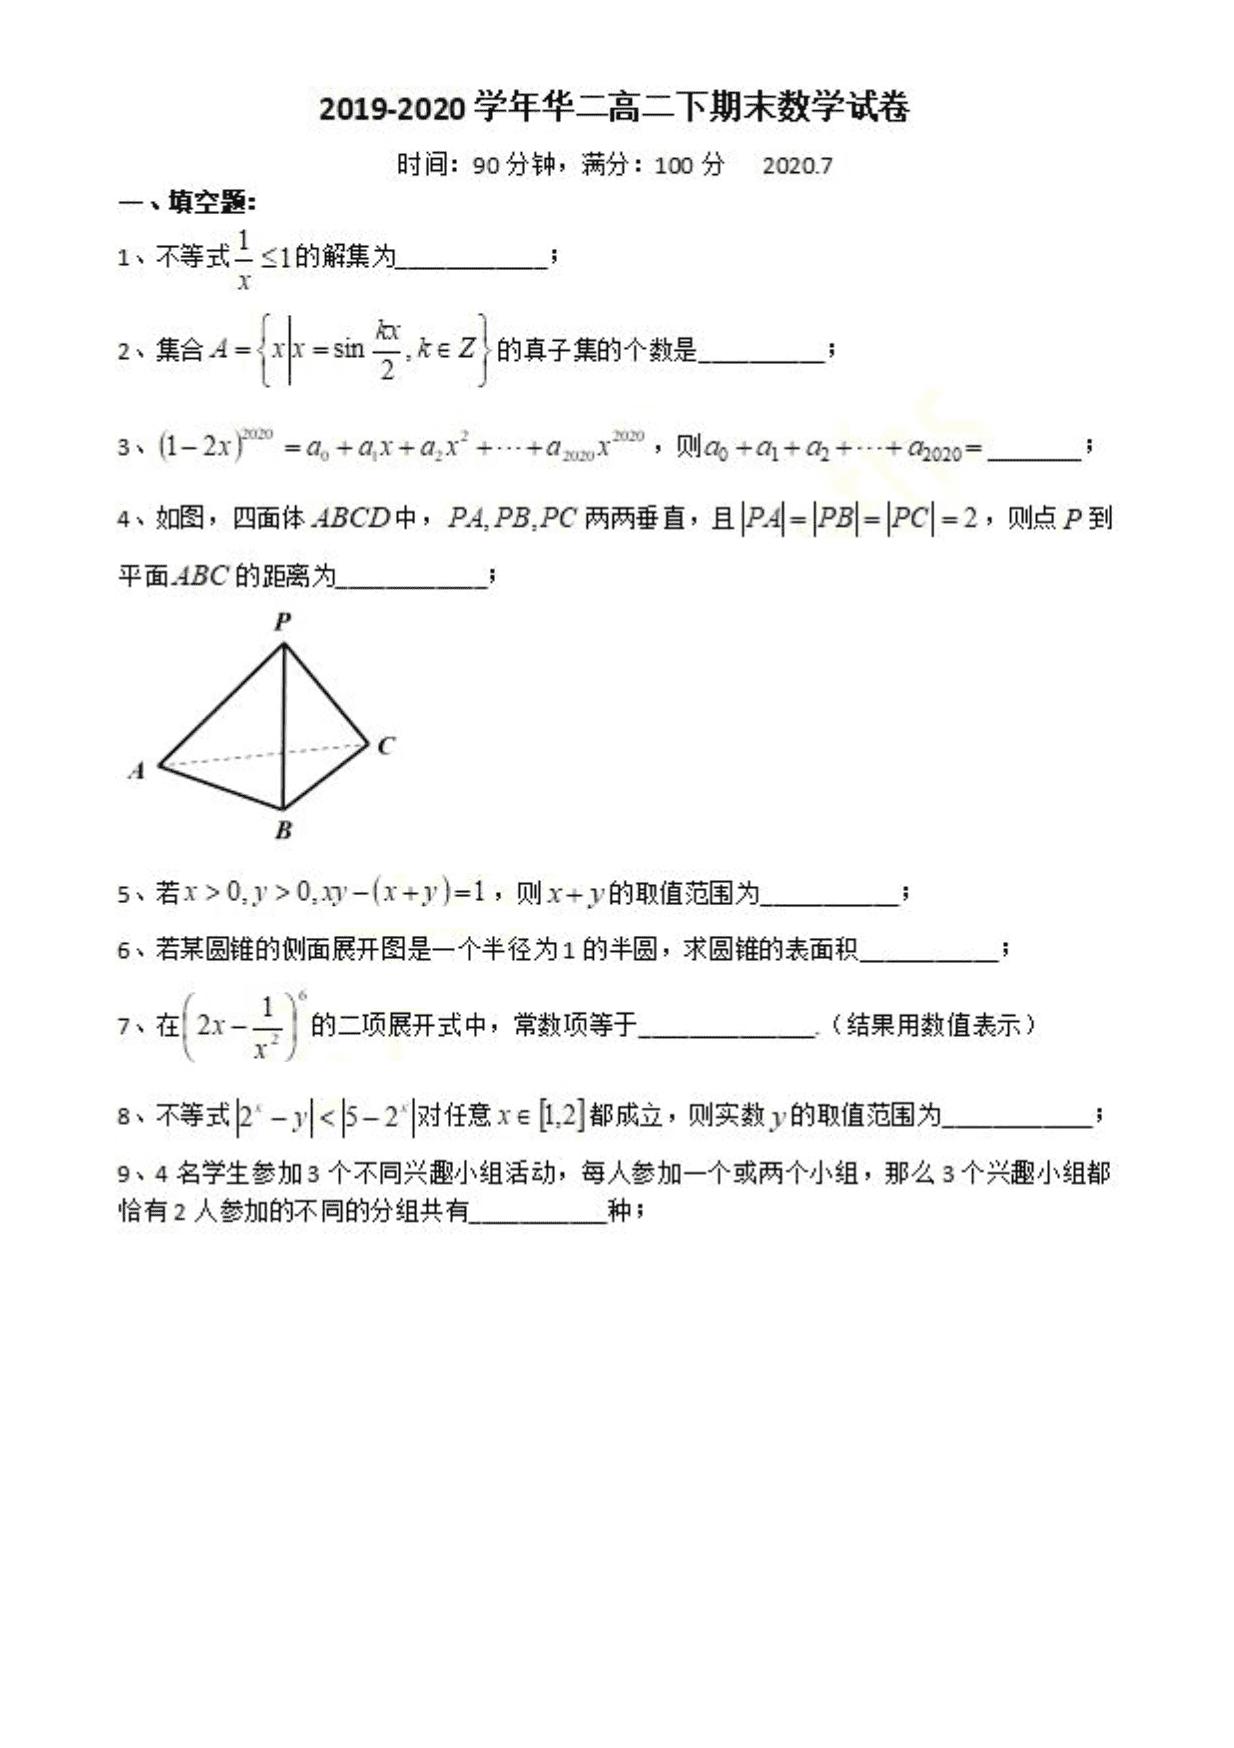 上海市华师大第二附属中学2019-2020学年下学期高二期末数学试卷(PDF版,答案不全)